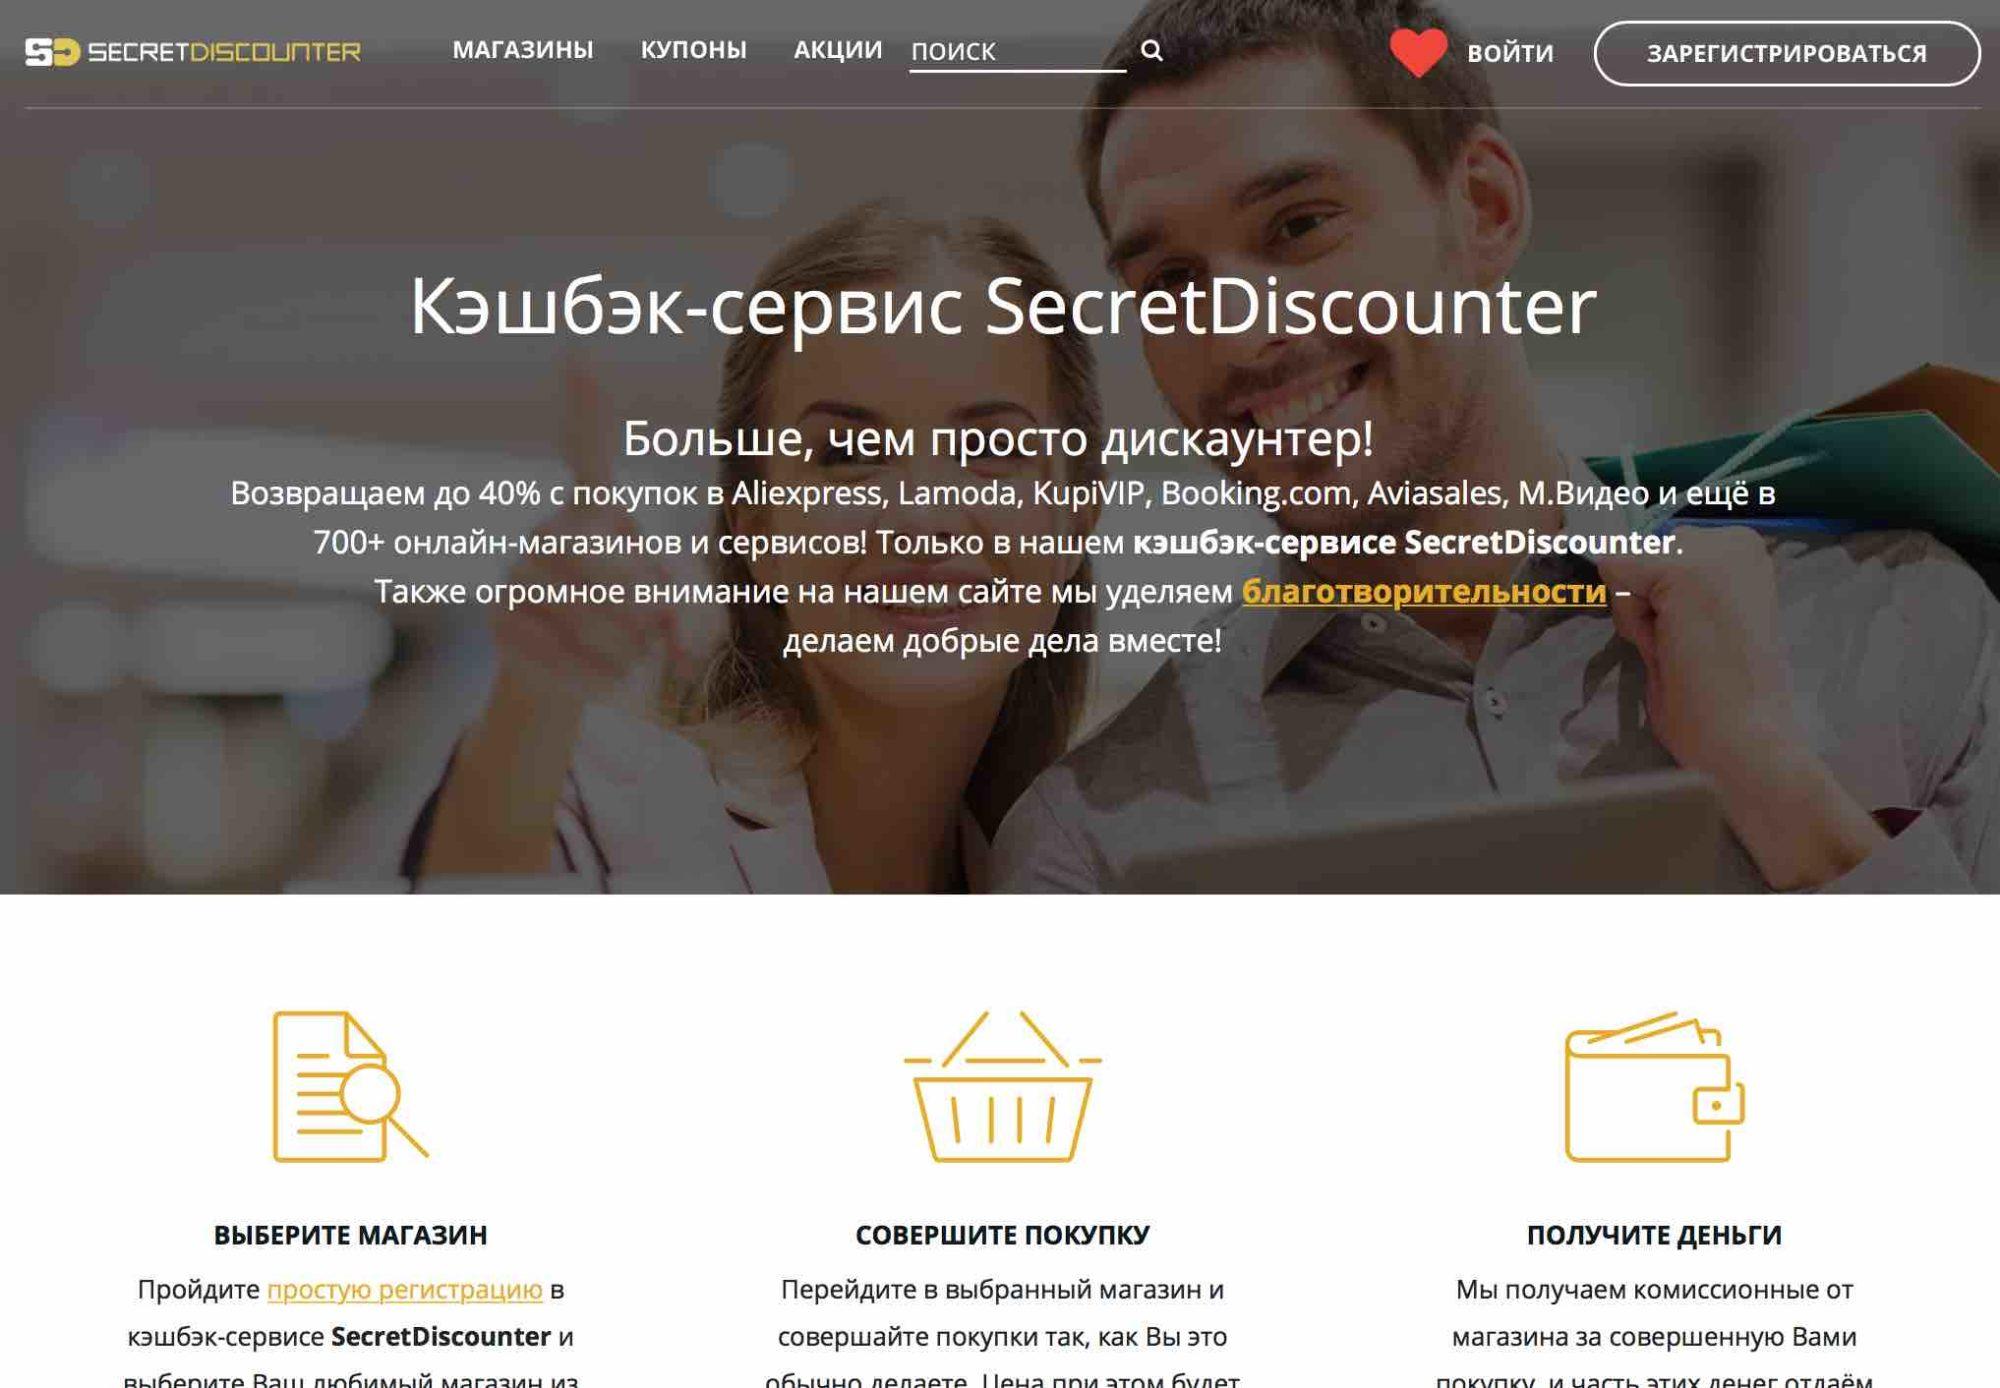 SecretDiscounter-screenshot